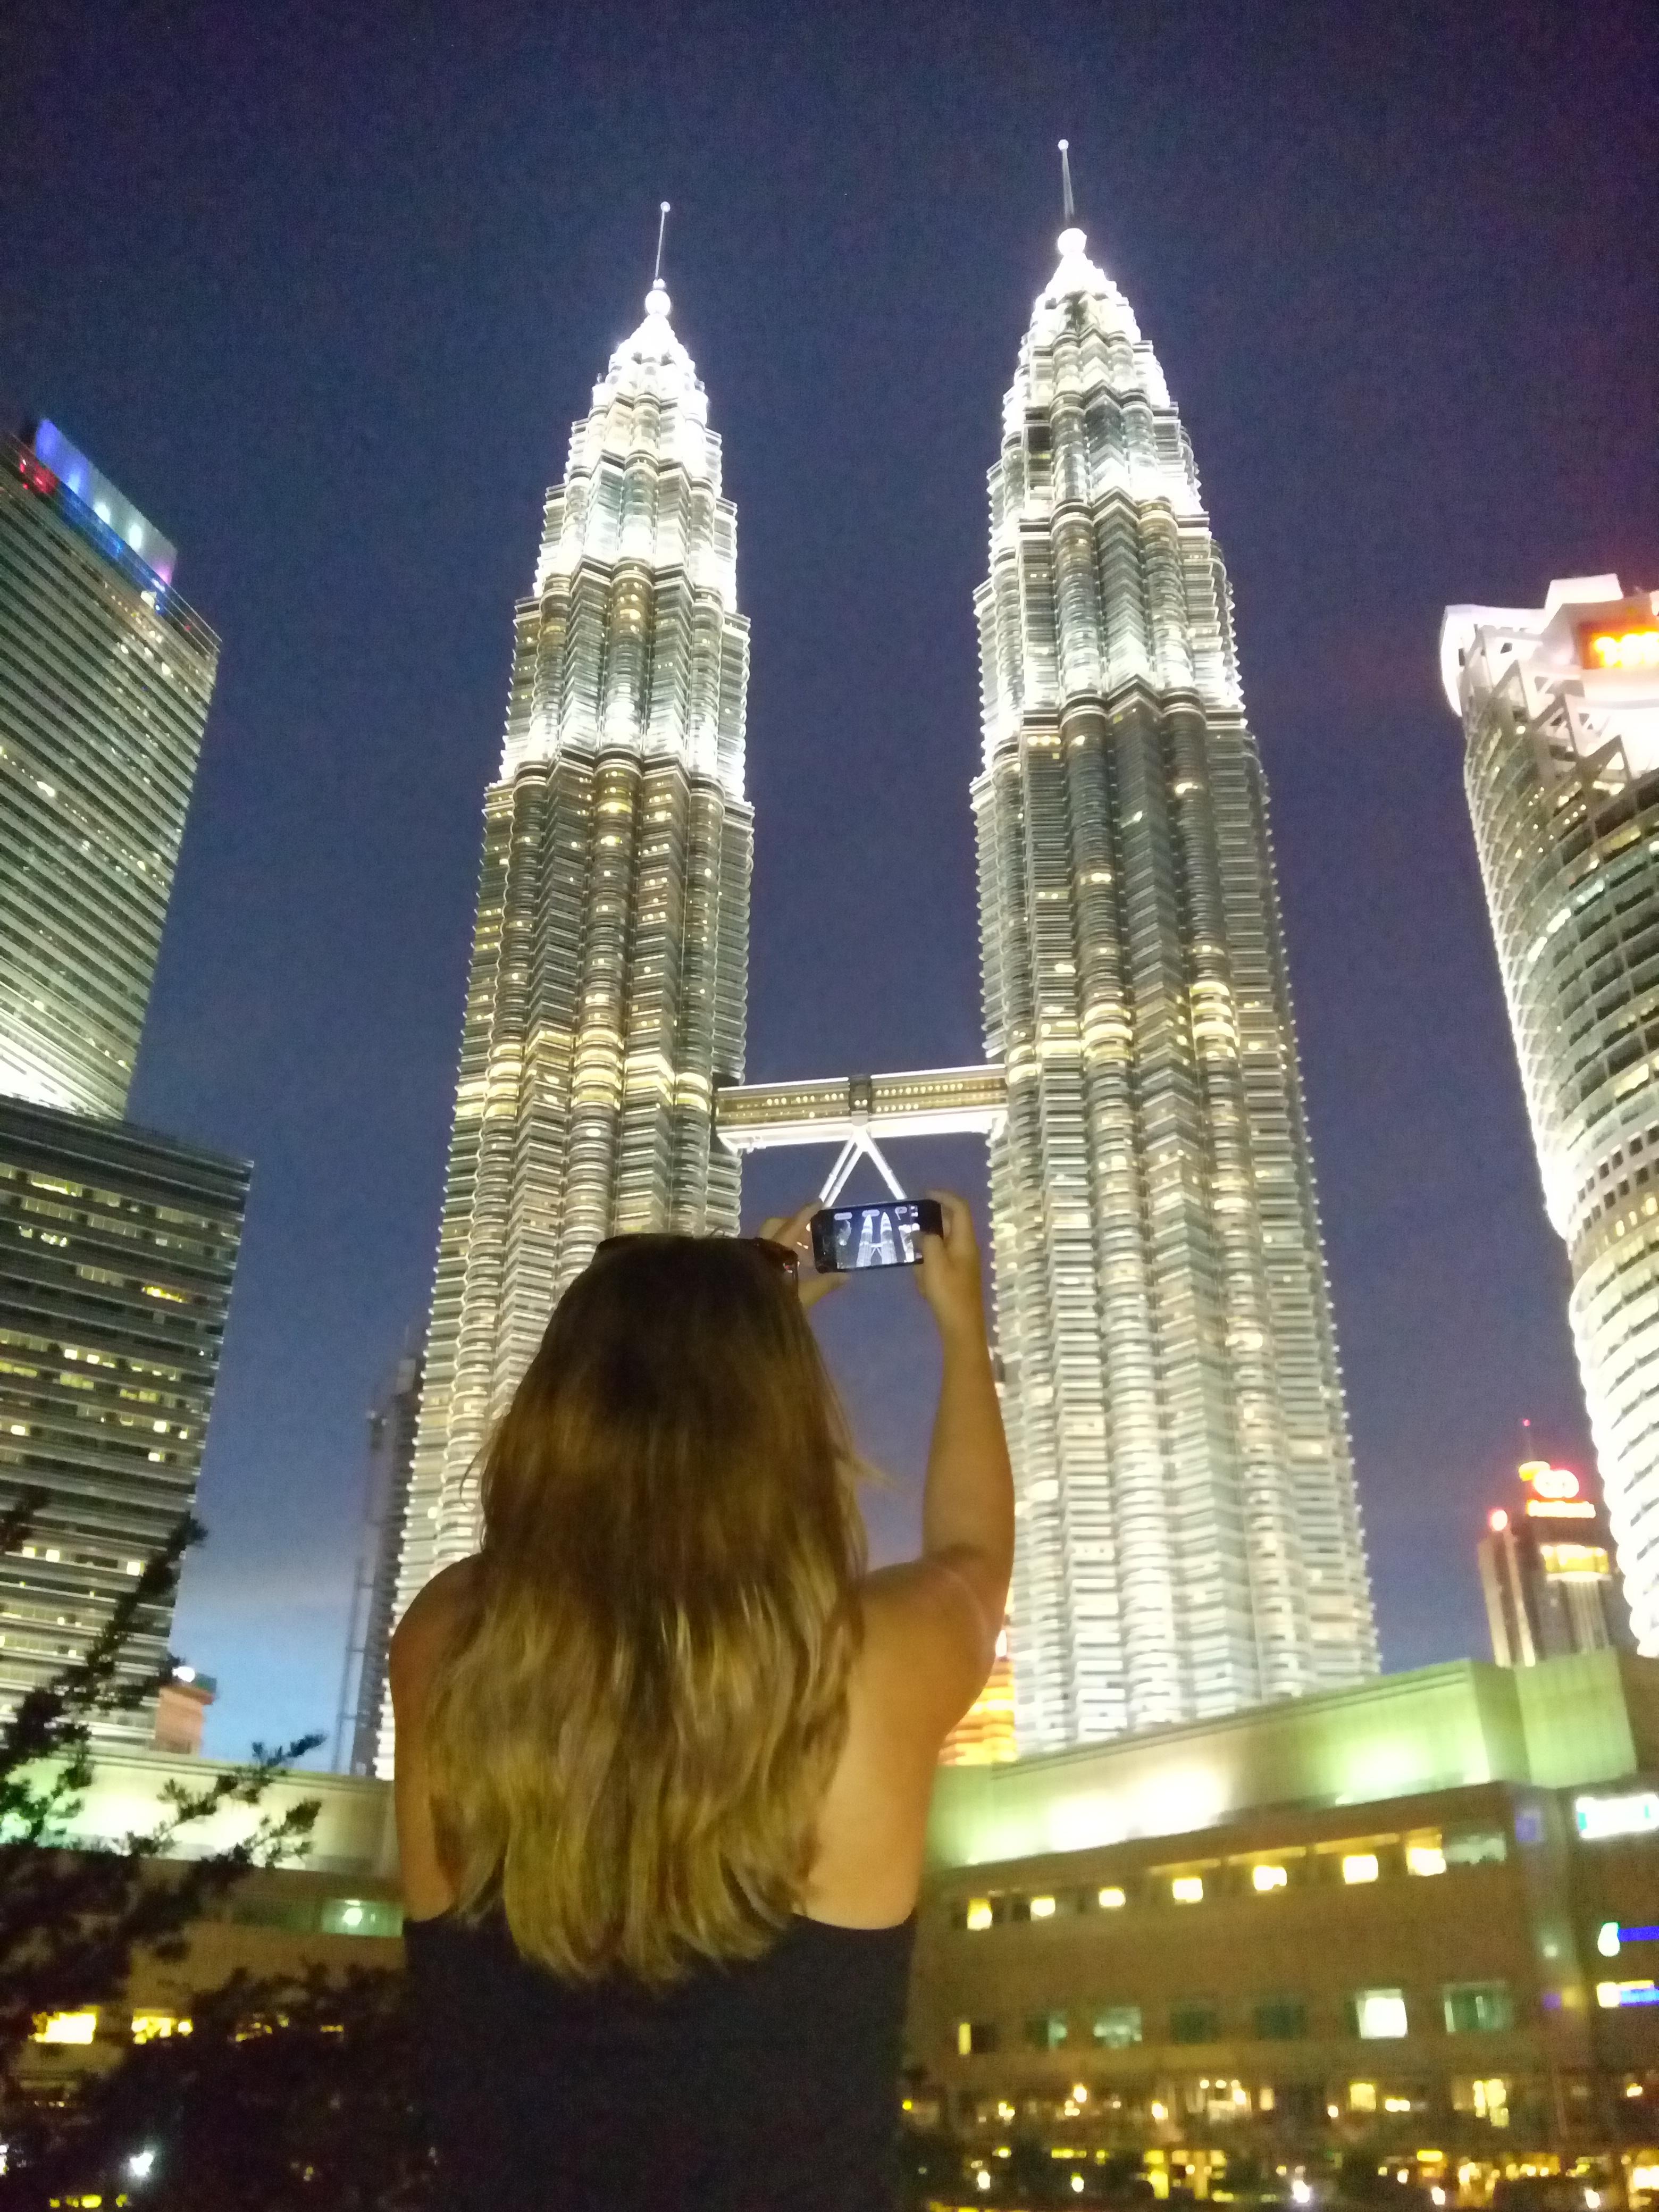 Reisereporterin auf dem Elchblog von Unterwegs